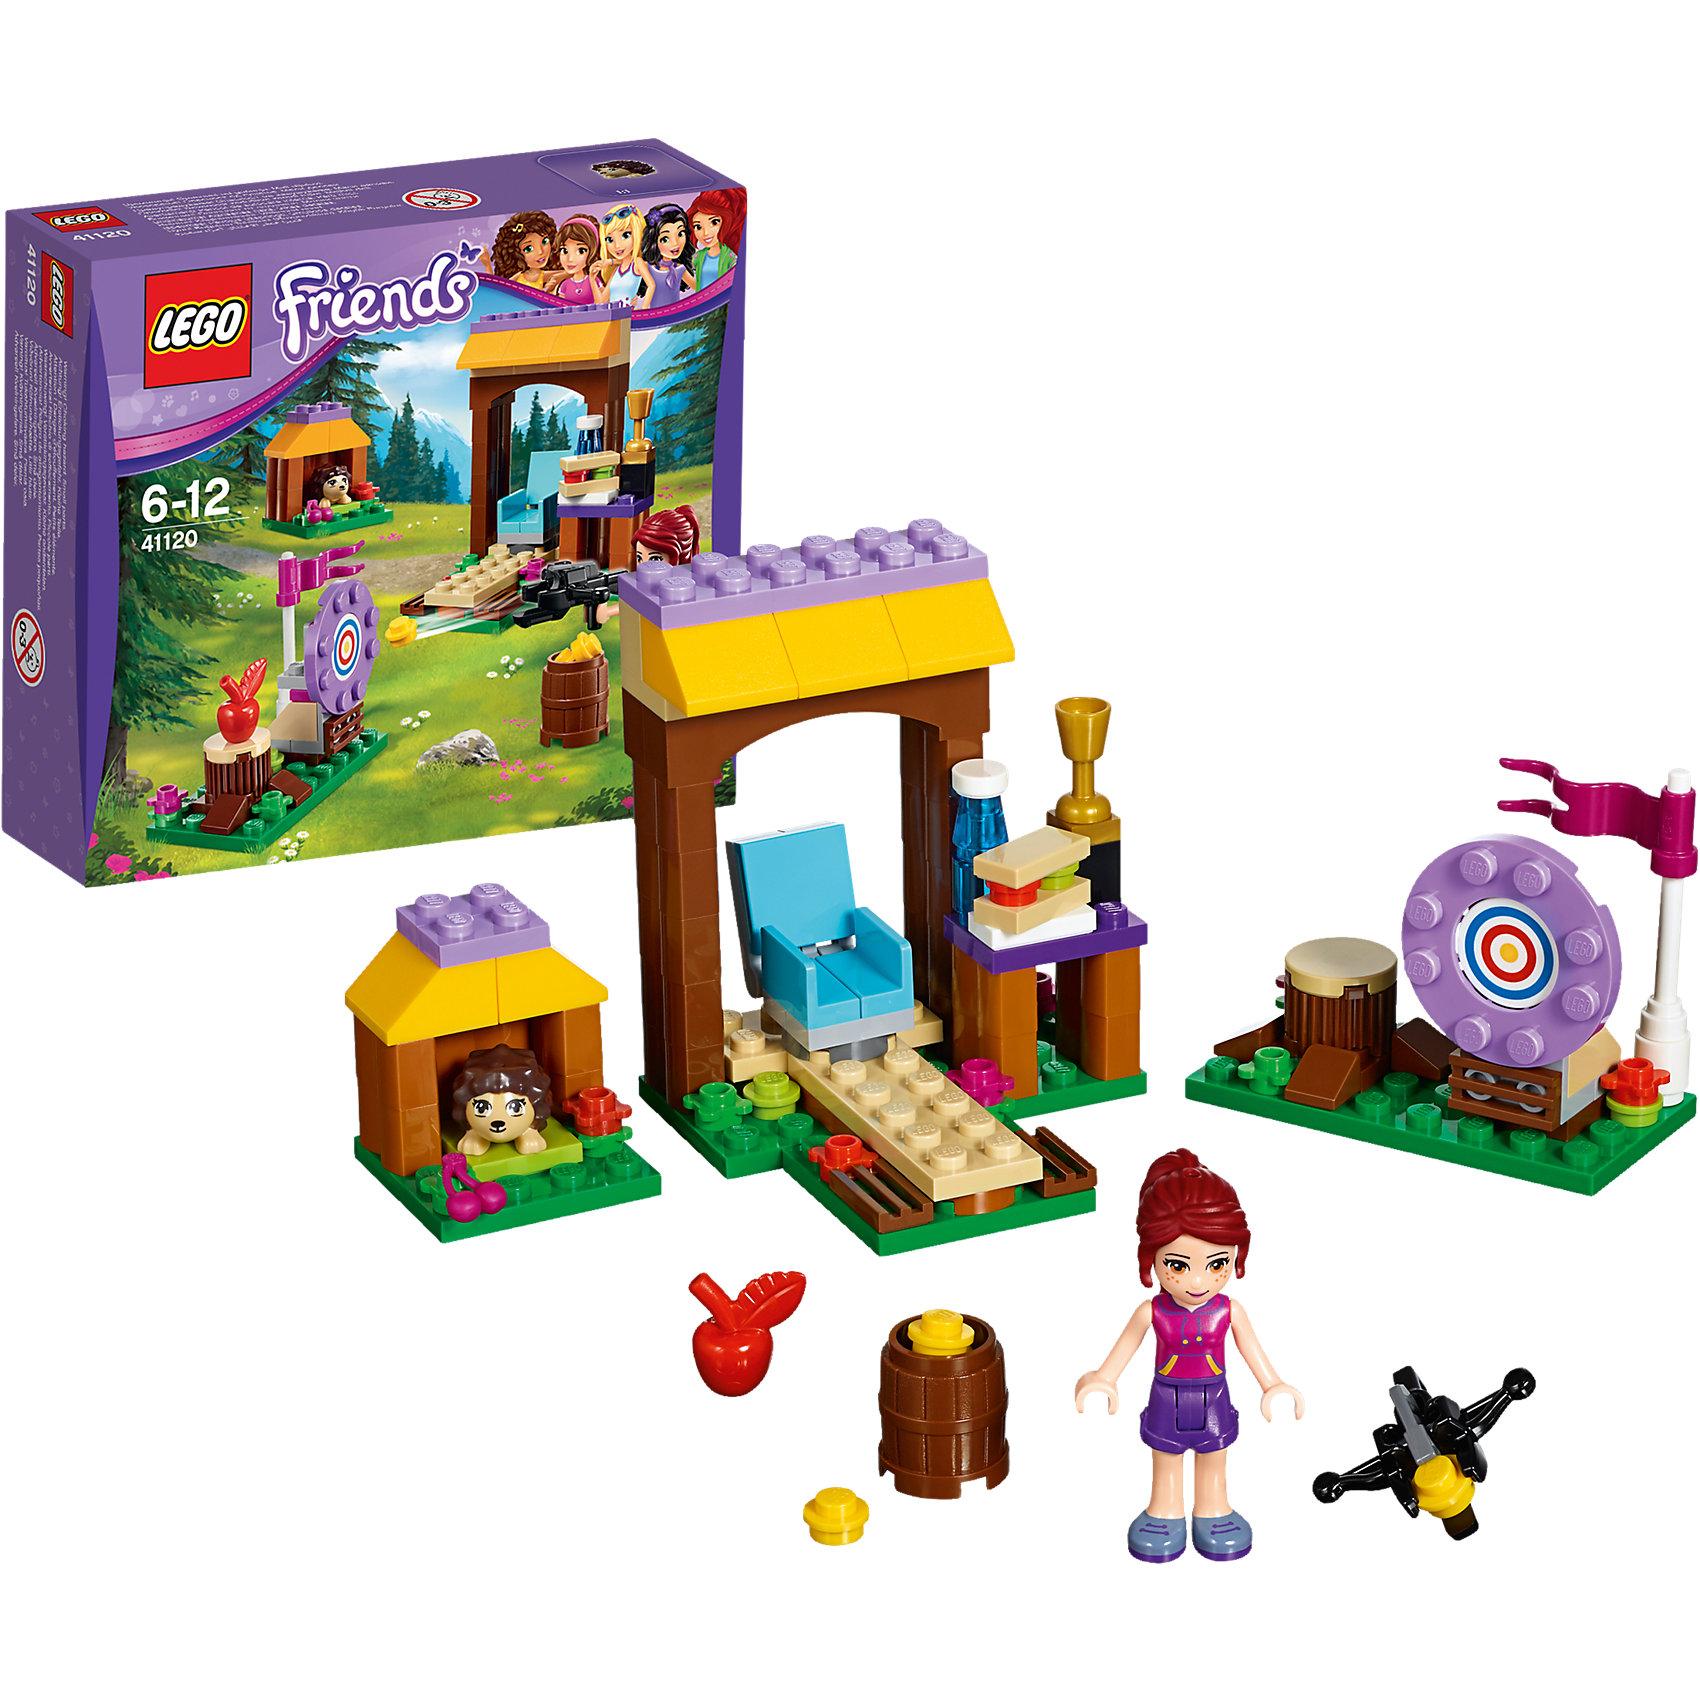 LEGO Friends 41120: Спортивный лагерь: стрельба из лукаМиа хочет получить приз за стрельбу из лука, поэтому выдвигайся на позицию, чтобы помочь ей отточить своё мастерство. Продолжай тренироваться, пока она не будет раз за разом попадать в цель! Перекуси бутербродом в шатре-столовой и насладись прогулкой по лесу— смотри, вот на тропинку выбежал маленький ёжик! Затем приготовь лук снова и целься в яблочко. Миа готова выиграть приз?<br><br>LEGO Friends (ЛЕГО Подружки)- серия детских конструкторов ЛЕГО, созданных специально для девочек. Эта коллекция объединяет в себе принципы строительного конструктора ЛЕГО и игровые темы, яркие цвета и образы интересные для девочек.<br><br>Дополнительная информация:<br><br>- Конструкторы ЛЕГО развивают усидчивость, внимание, фантазию и мелкую моторику. <br>- 1 фигурка.<br>- В комплекте 1 фигурка, ежик, уголок для стрельбы, столовая, золотой кубок, флаг, яблоко, вишня, сэндвич, бутылка воды, лук, бочка с патронами, мишень и цветы.<br>- Количество деталей: 114.<br>- Серия LEGO Friends (ЛЕГО Подружки).<br>- Материал: пластик.<br>- Размер упаковки: 16х4,5х14 см.<br>- Вес: 0.14  кг.<br><br>LEGO Friends 41120: Спортивный лагерь: стрельба из лука можно купить в нашем магазине.<br><br>Ширина мм: 162<br>Глубина мм: 142<br>Высота мм: 45<br>Вес г: 133<br>Возраст от месяцев: 72<br>Возраст до месяцев: 144<br>Пол: Женский<br>Возраст: Детский<br>SKU: 4259088